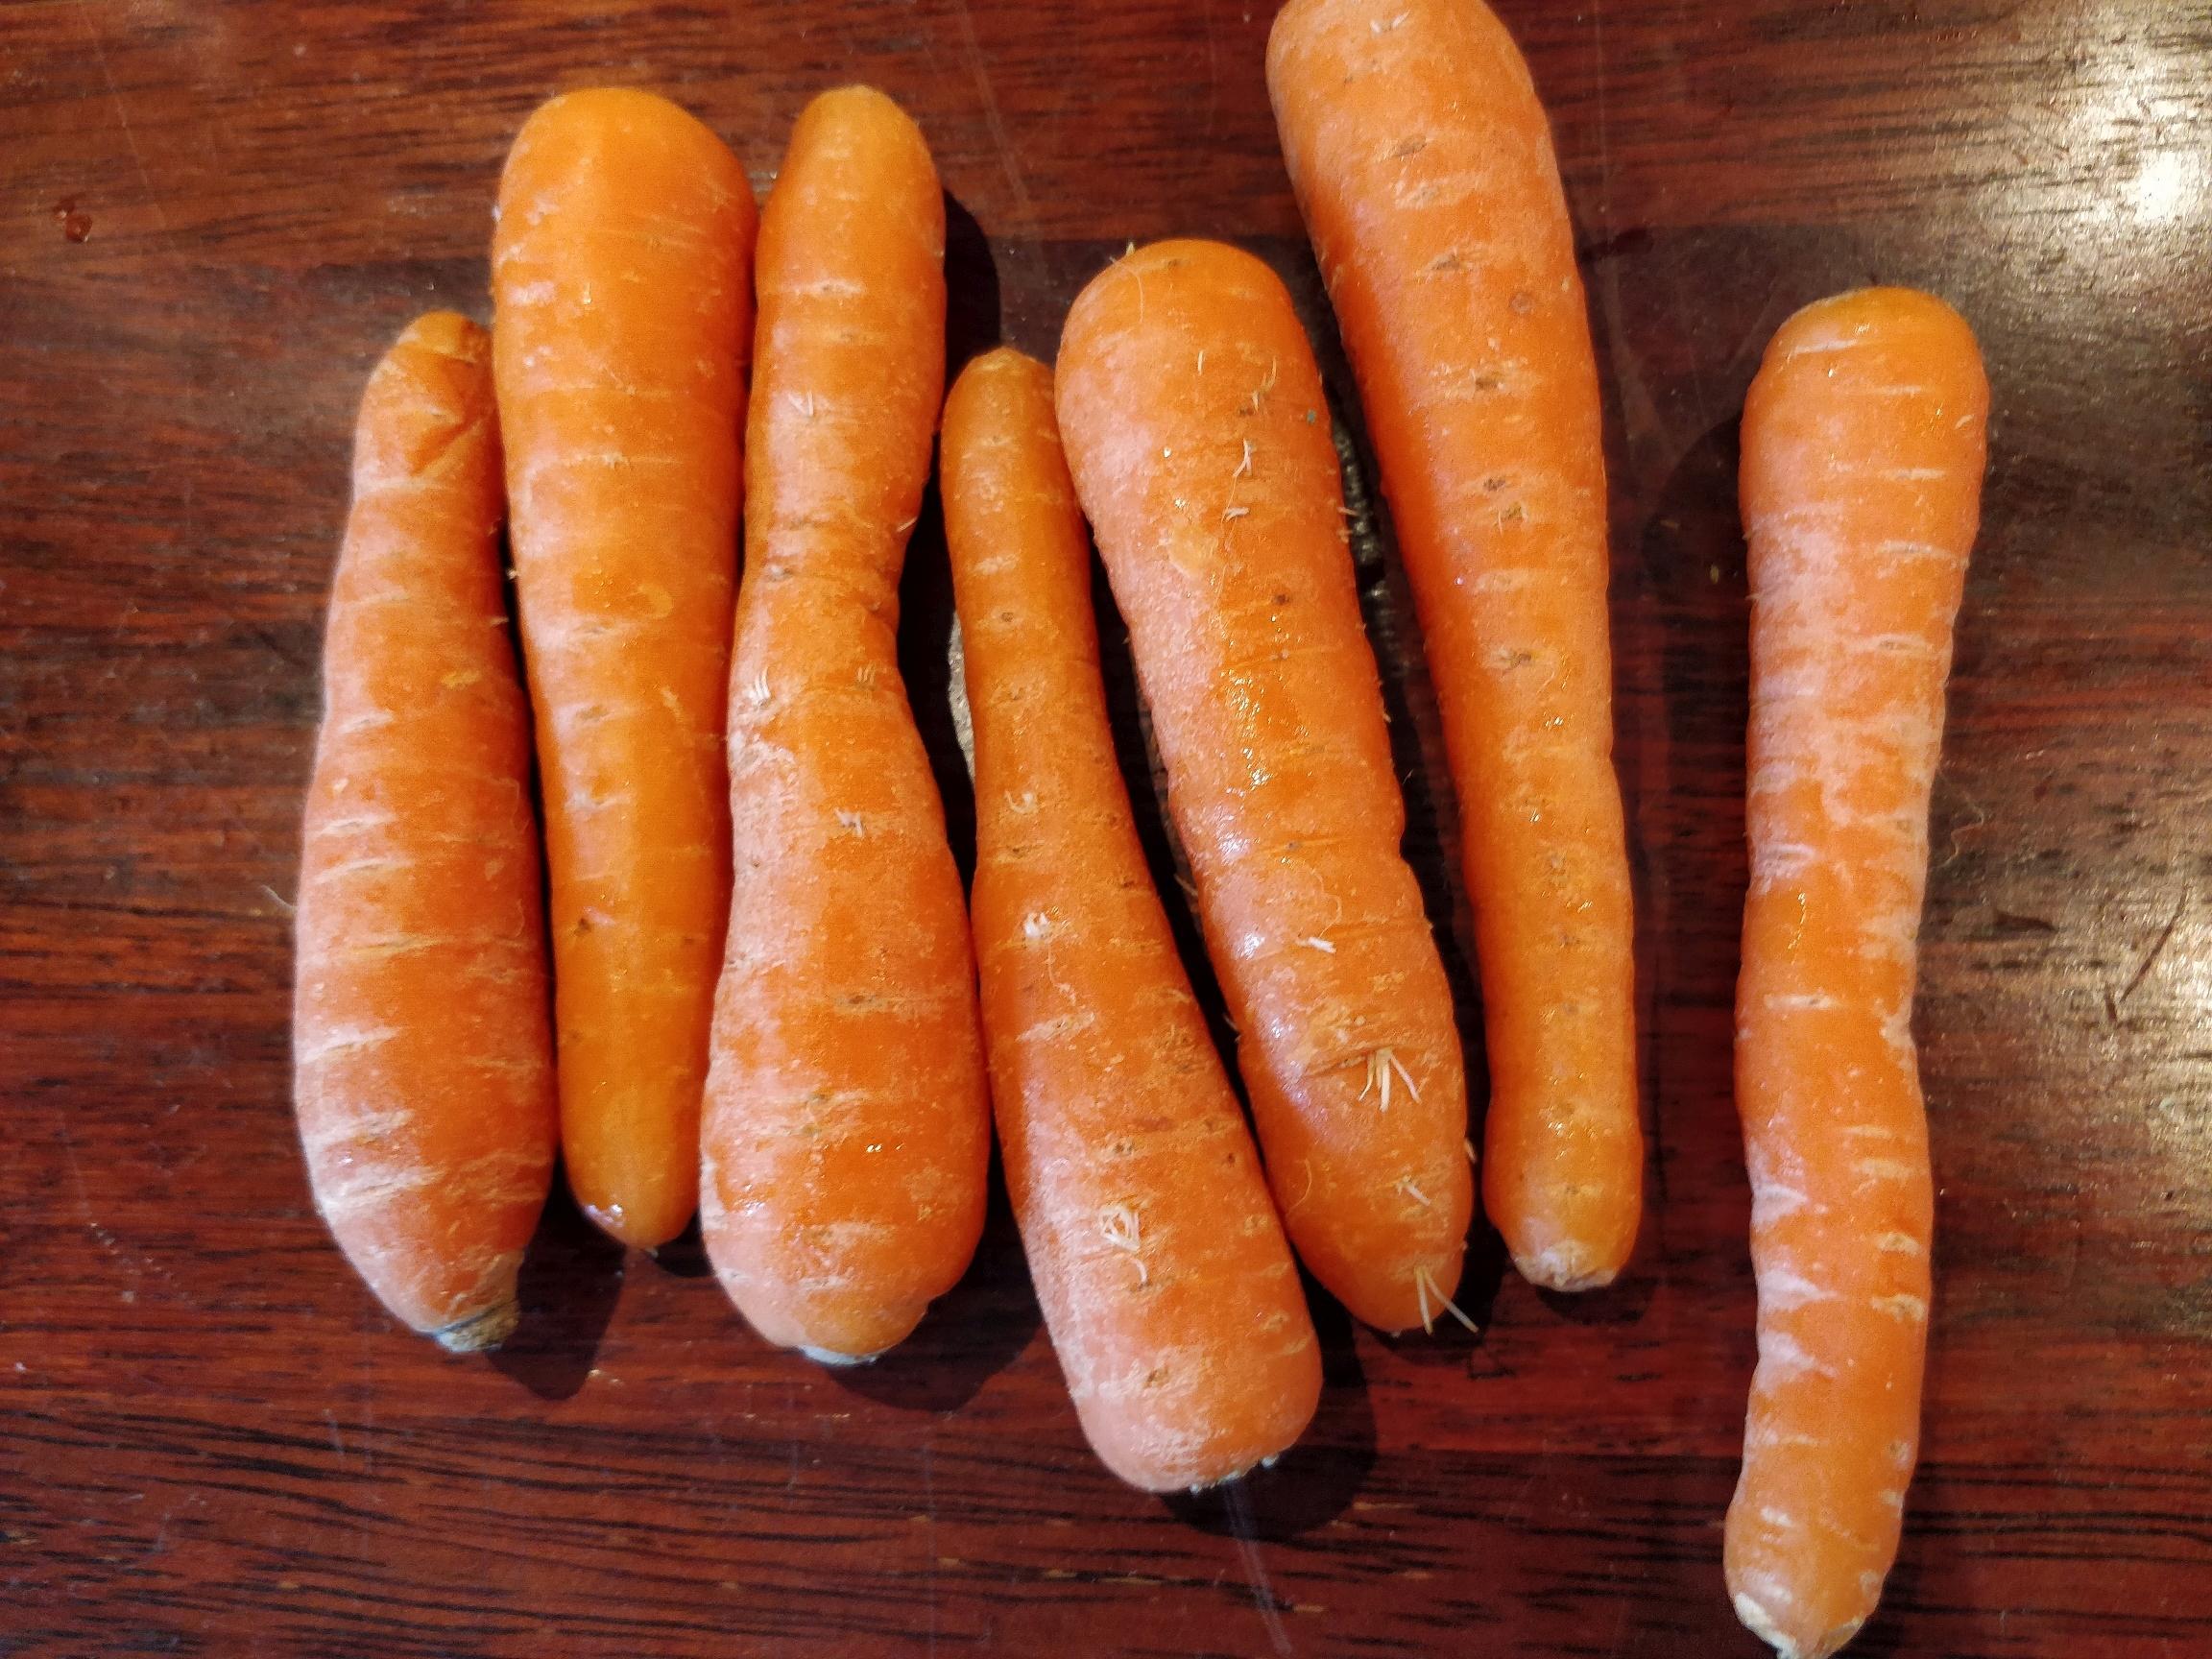 Gulerødder der har ligget lidt for længe i køleskabet